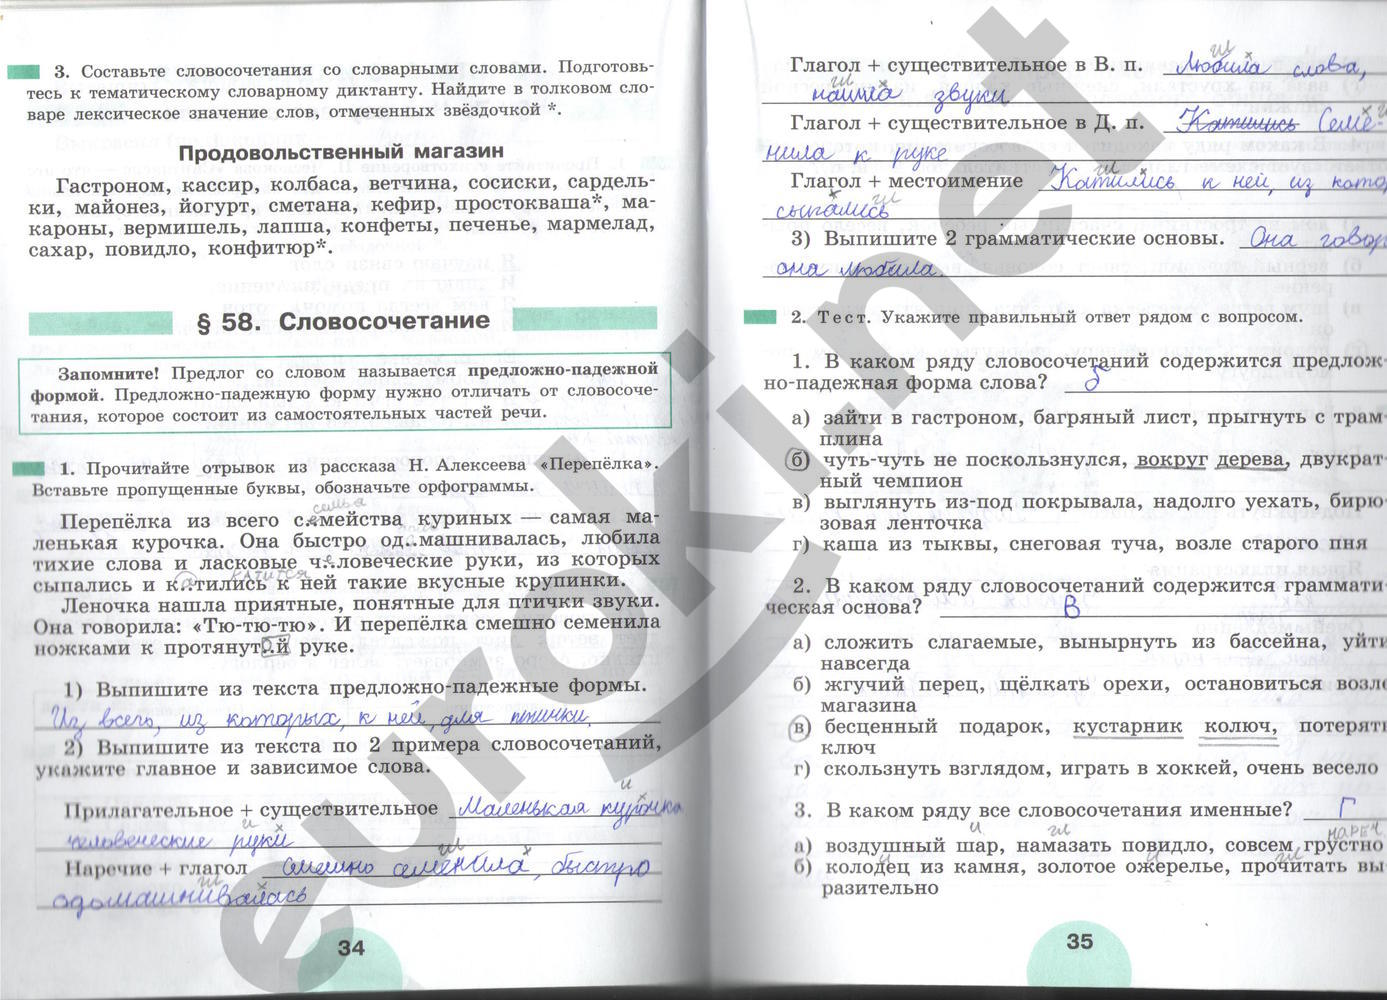 гдз 5 класс русский язык рыбченкова роговик